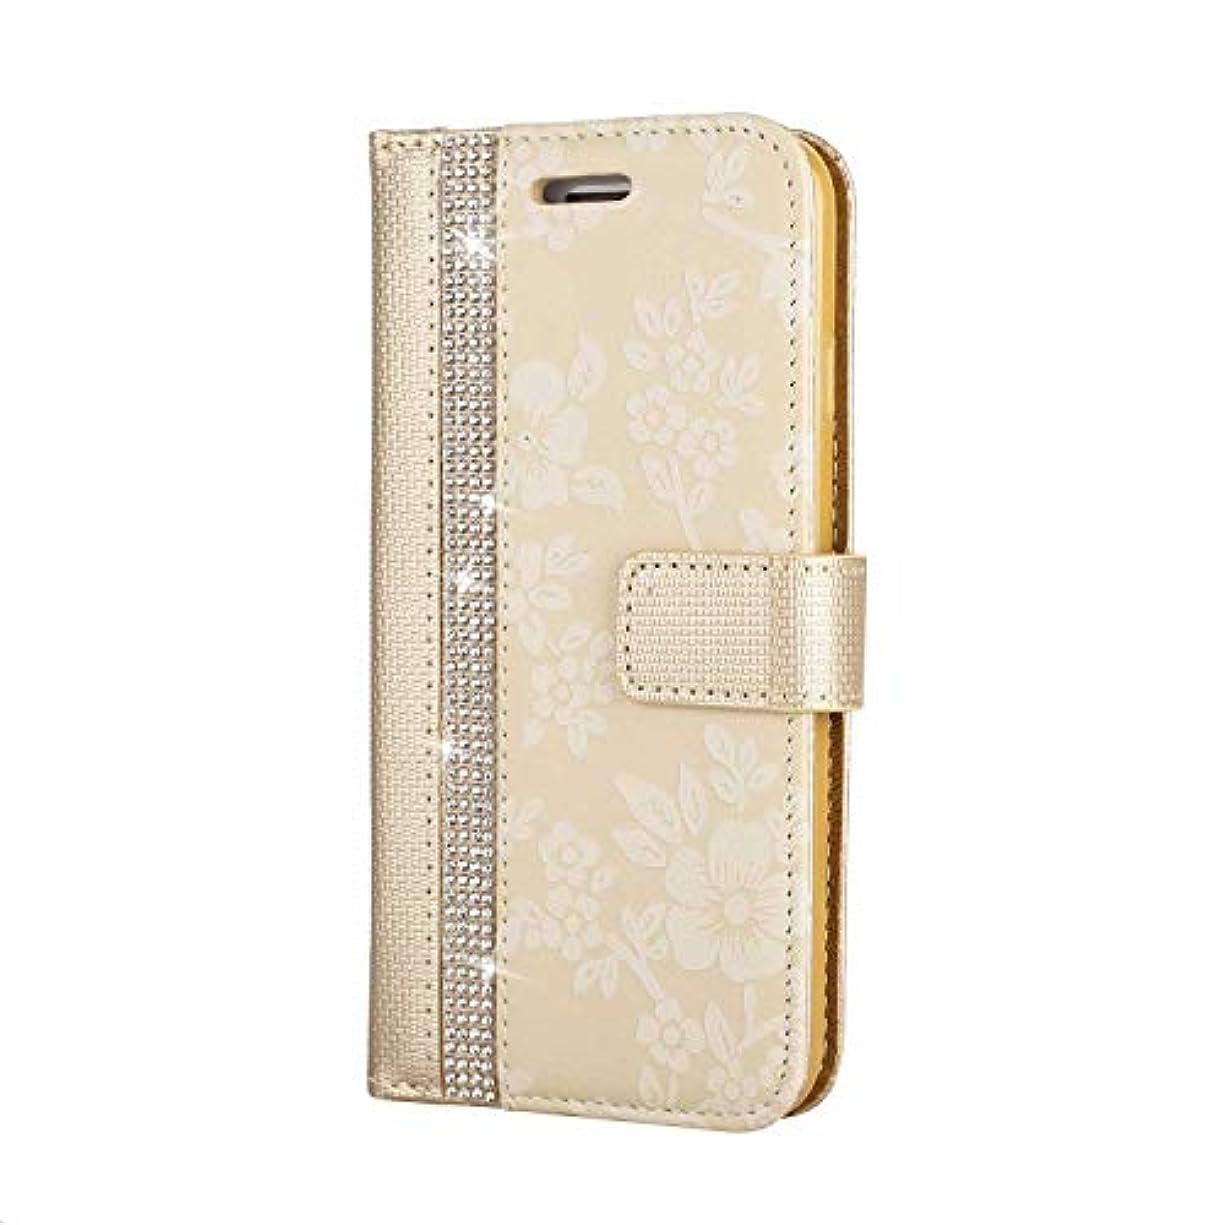 円形万歳無意識CUNUS iPhone 7 / iPhone 8 用 ウォレット ケース, プレミアム PUレザー 全面保護 ケース 耐衝撃 スタンド機能 耐汚れ カード収納 カバー, ゴールド